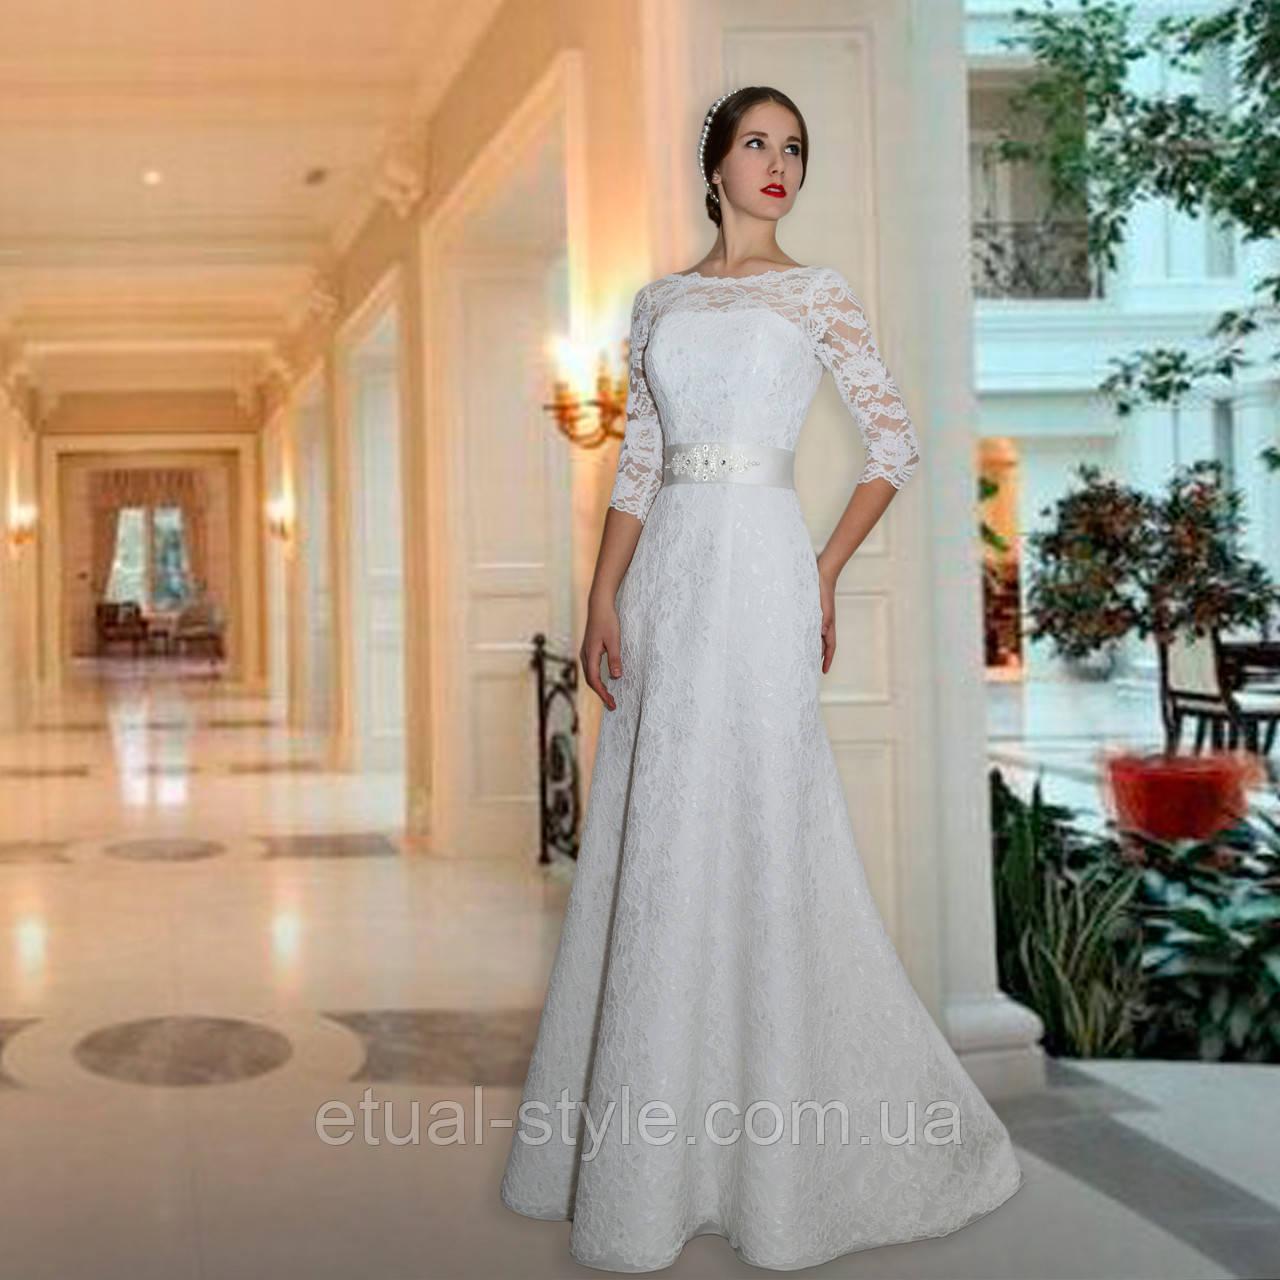 Смотреть русское свадебное интим фото